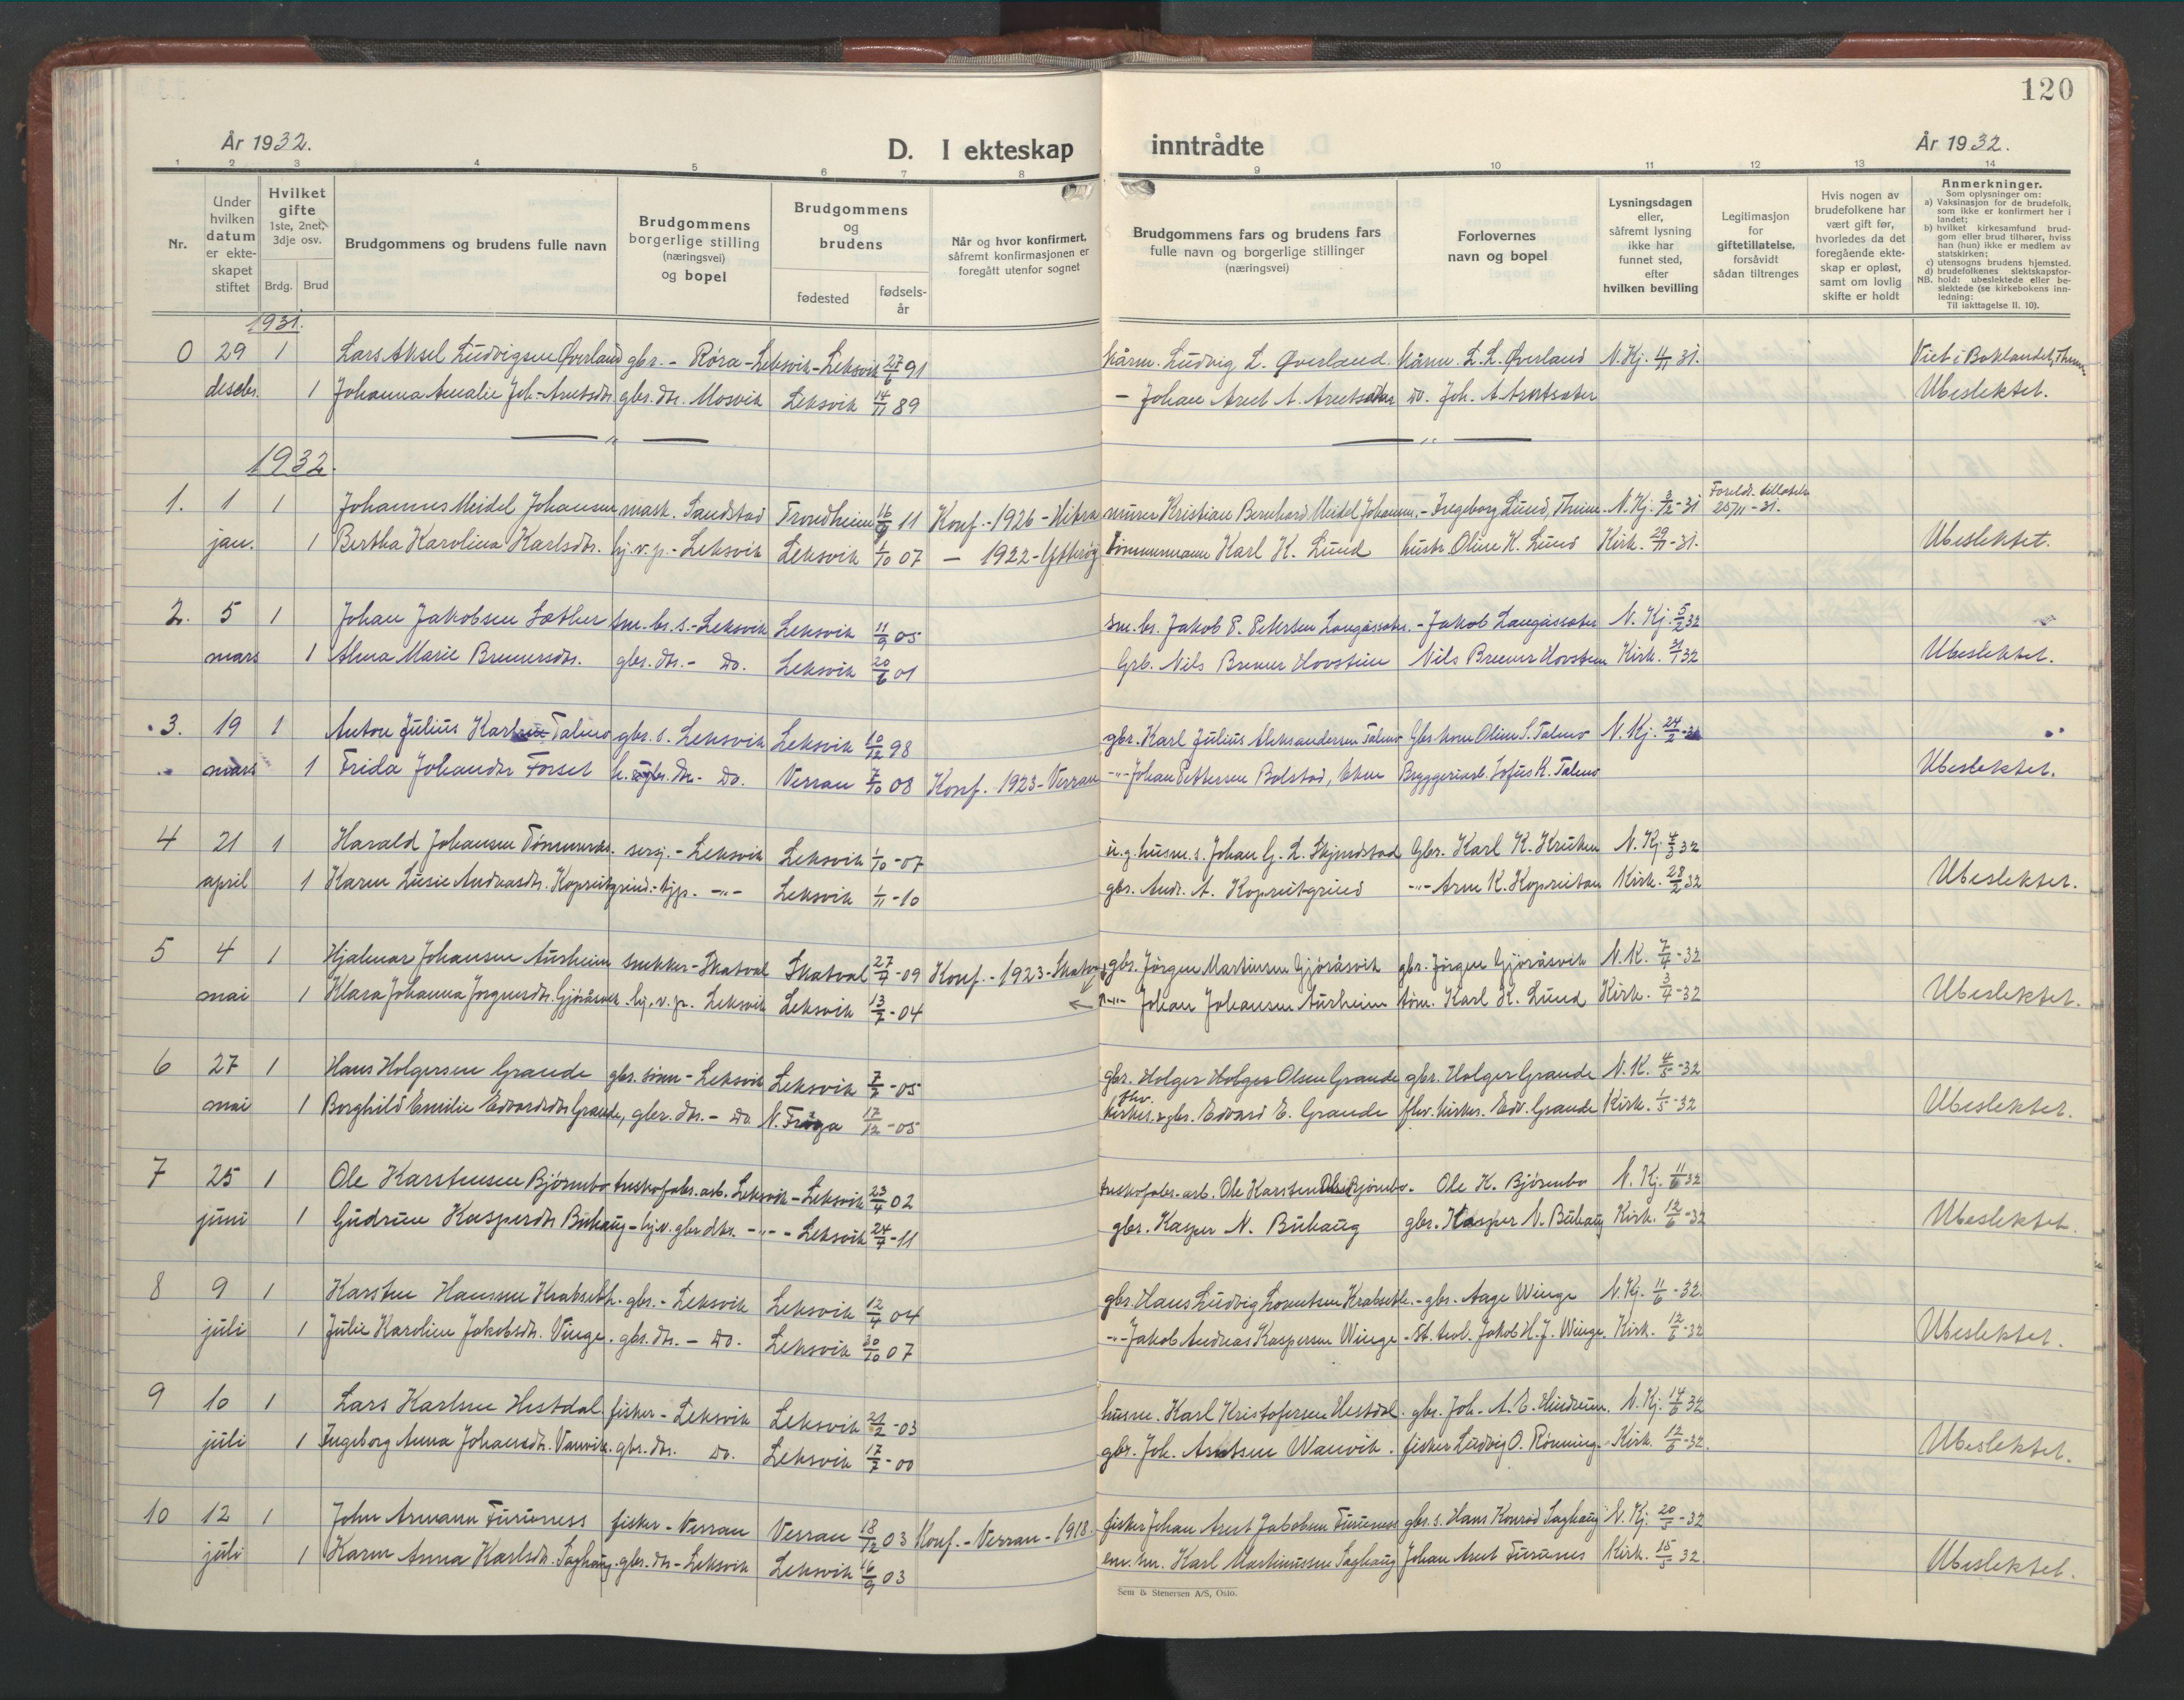 SAT, Ministerialprotokoller, klokkerbøker og fødselsregistre - Nord-Trøndelag, 701/L0019: Klokkerbok nr. 701C03, 1930-1953, s. 120